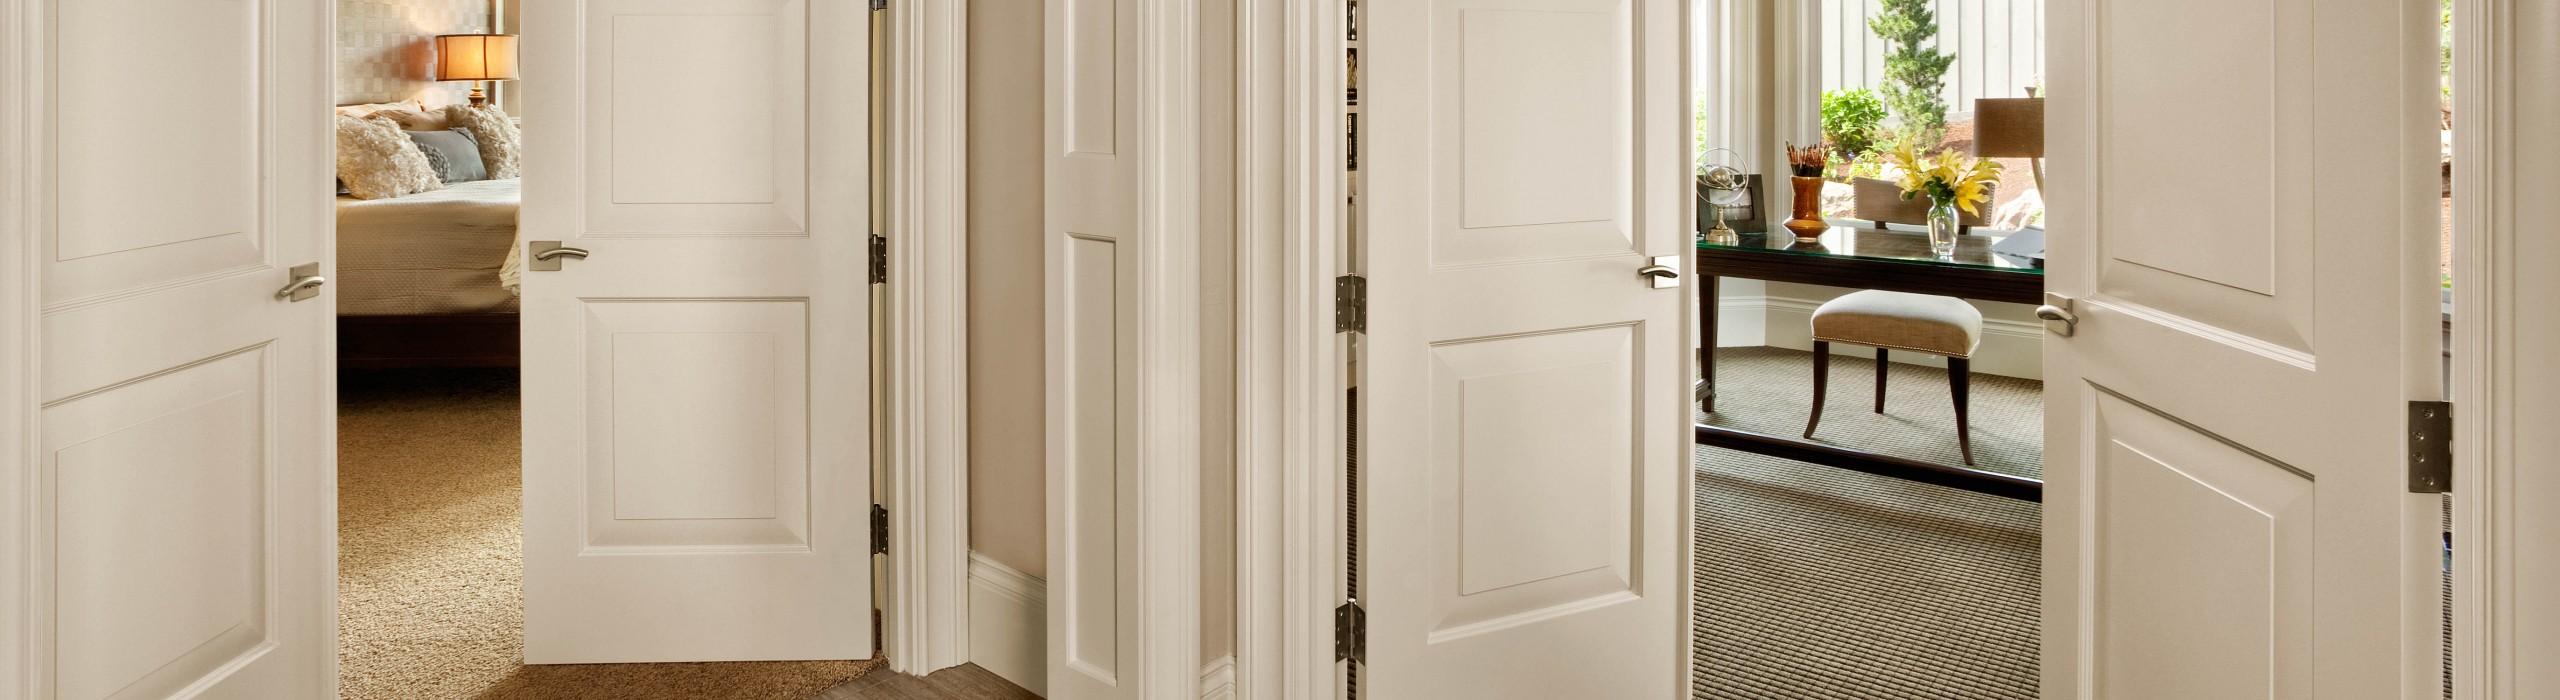 California Door and Hardware